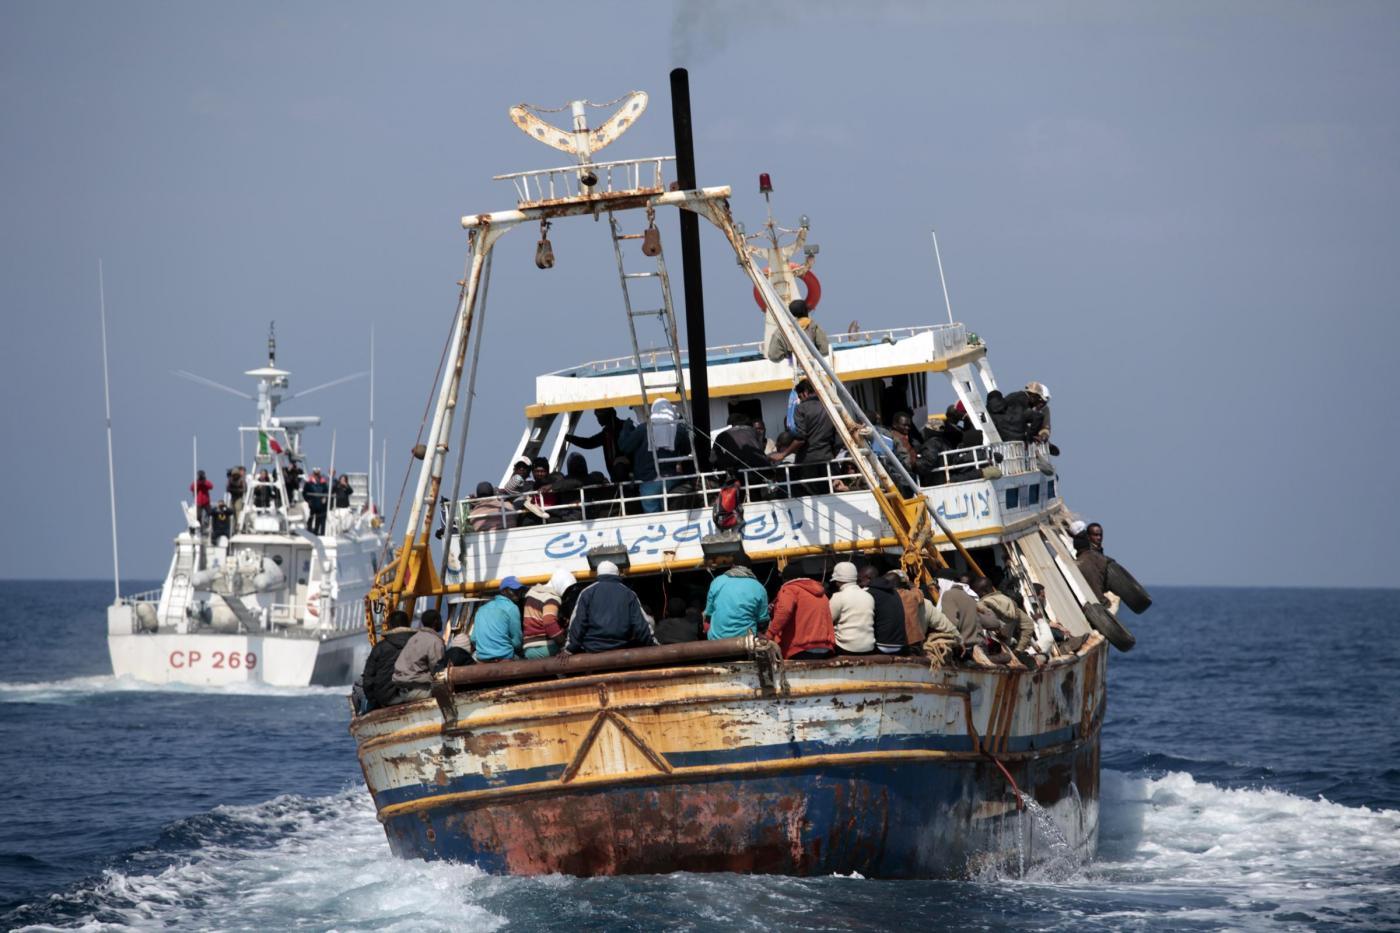 """Immigrati, emergenza sbarchi in Sicilia. Crocetta: """"Evitare allarmismi"""""""